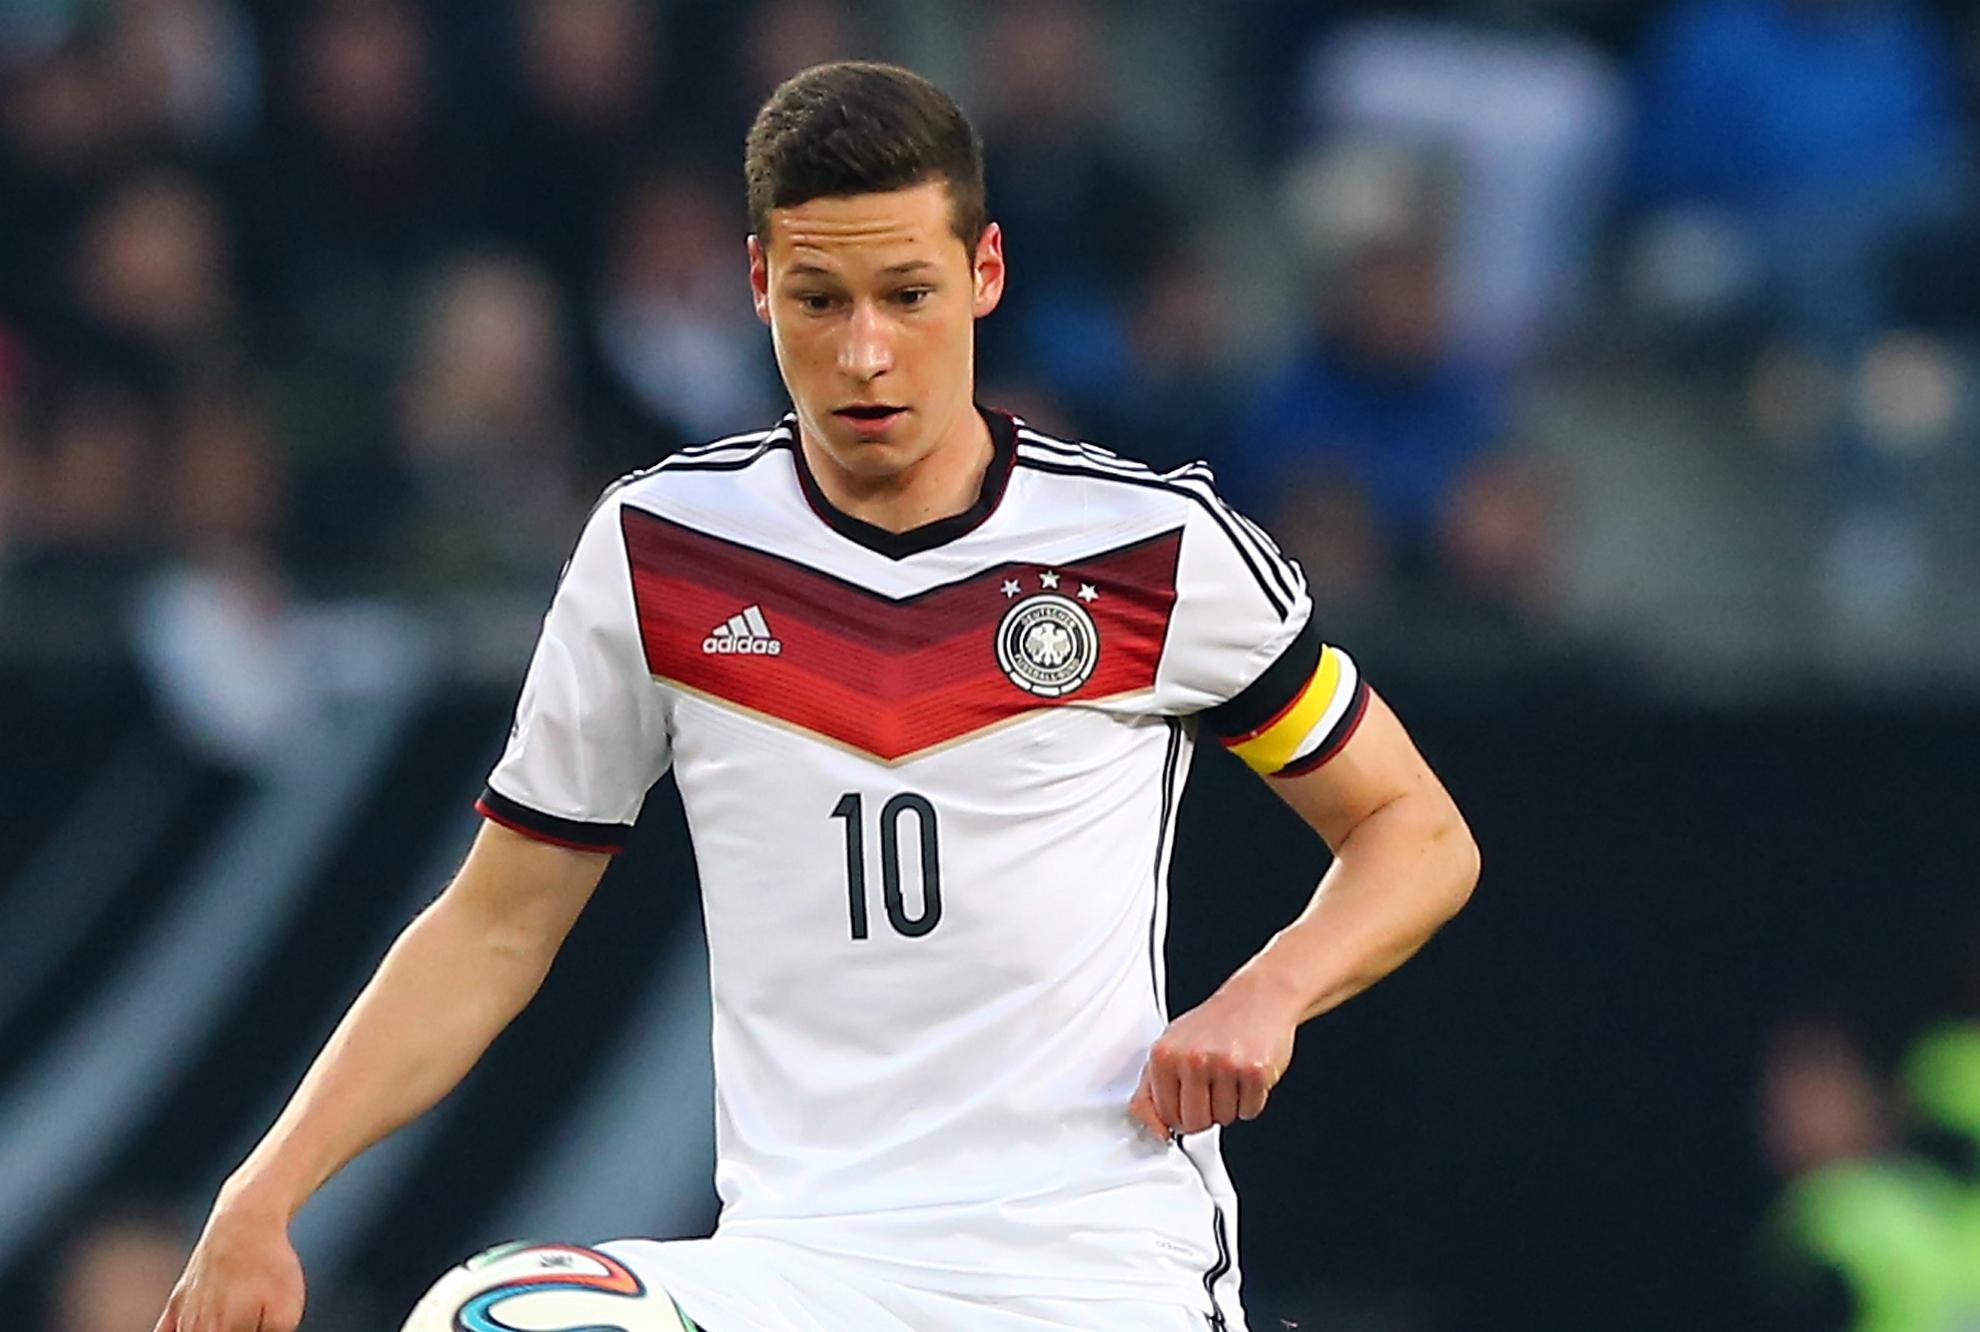 Wenger expects Ozil, Mertesacker and Podolski to miss start of season